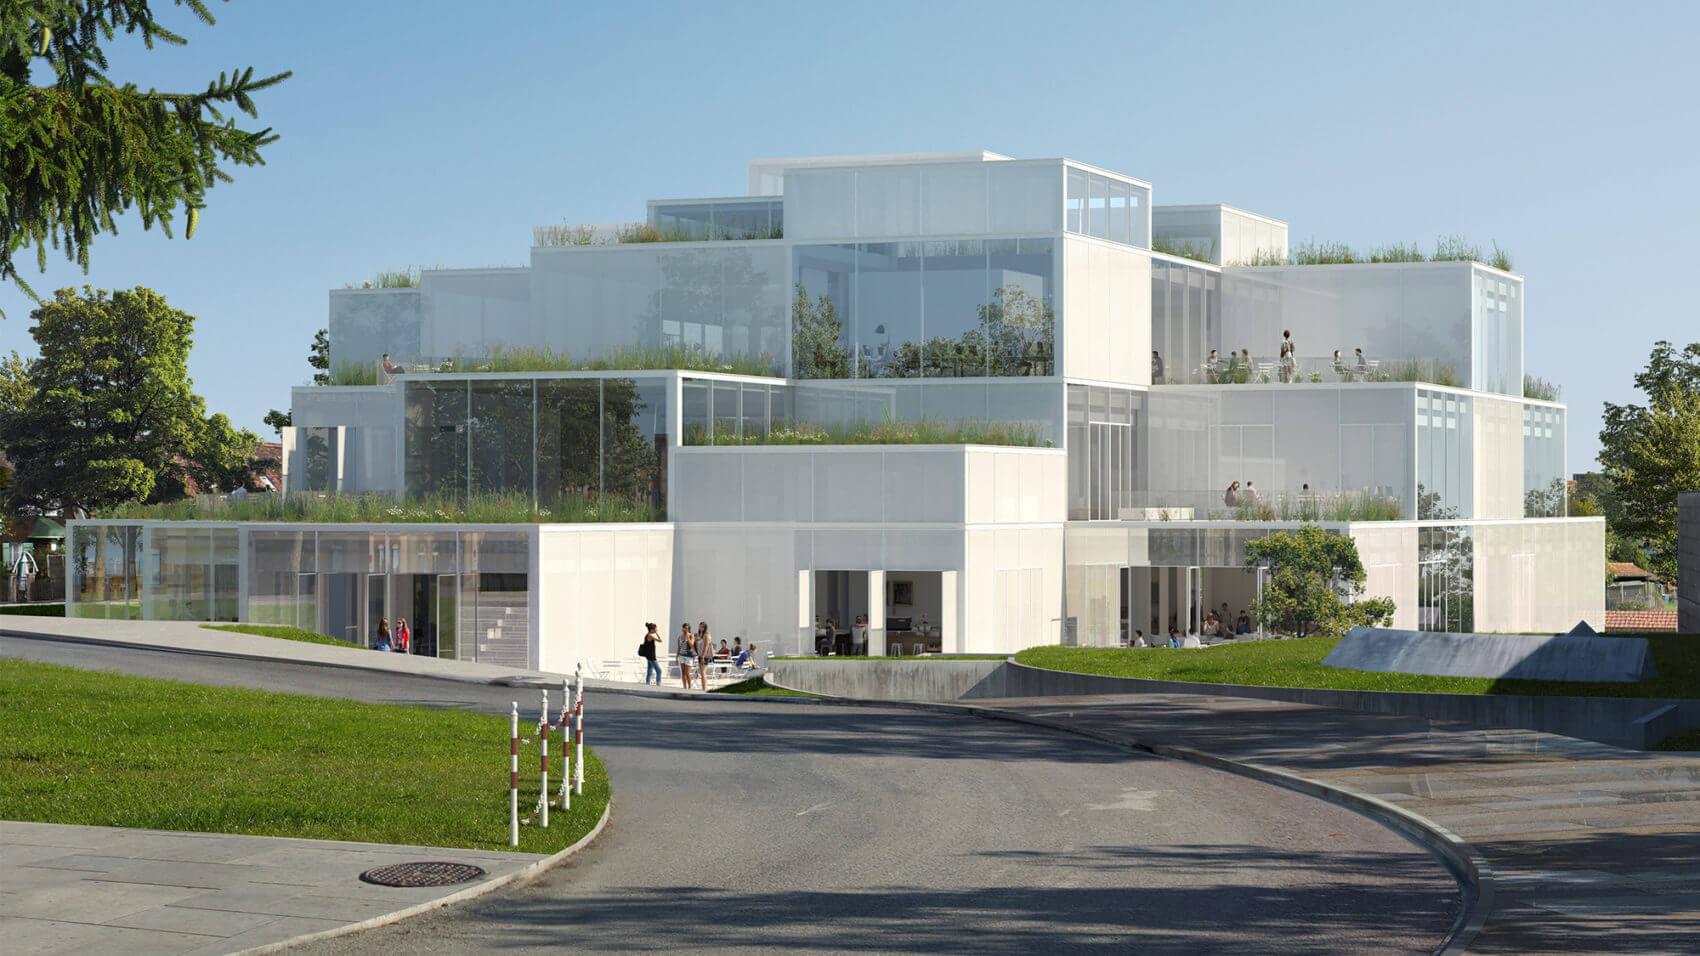 Университет в Санкт-Галлене, Швейцария, от Со Фудзимото